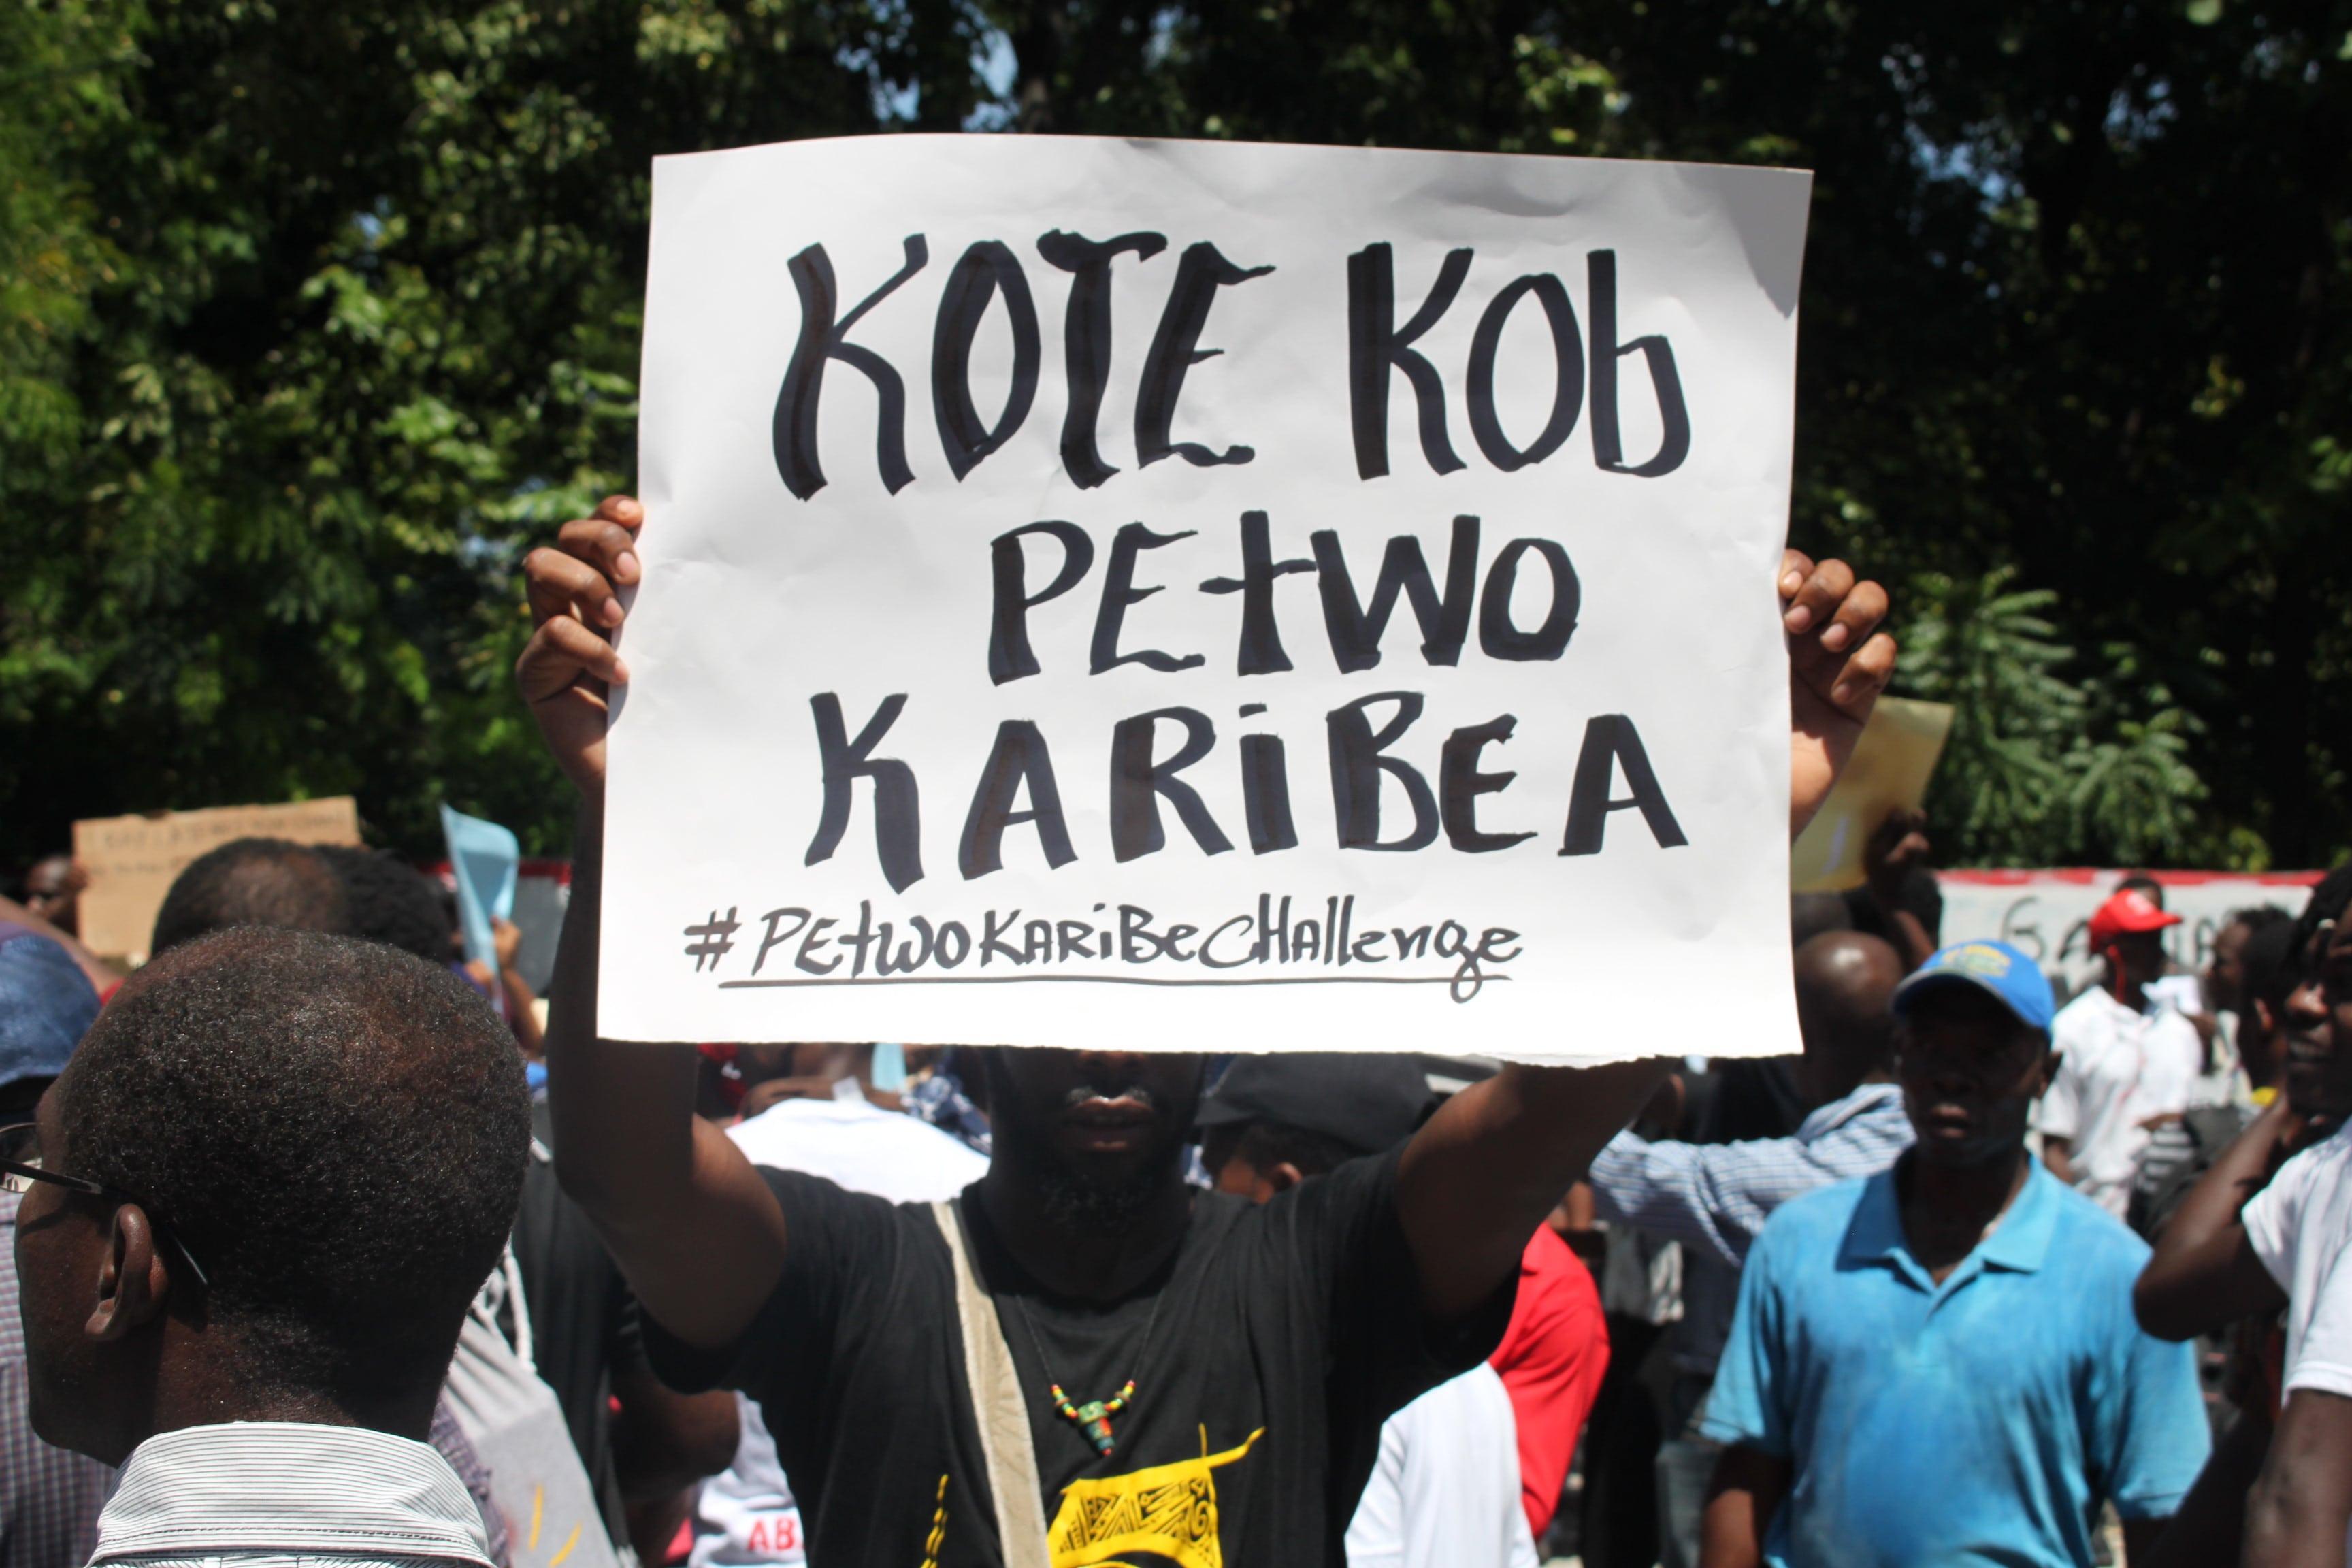 Nouveau sit-in ce vendredi 26 avril devant les locaux de la Cour Supérieure des Comptes pour exiger le rapport final sur l'utilisation douteuse des fonds du programme pétro caribe.